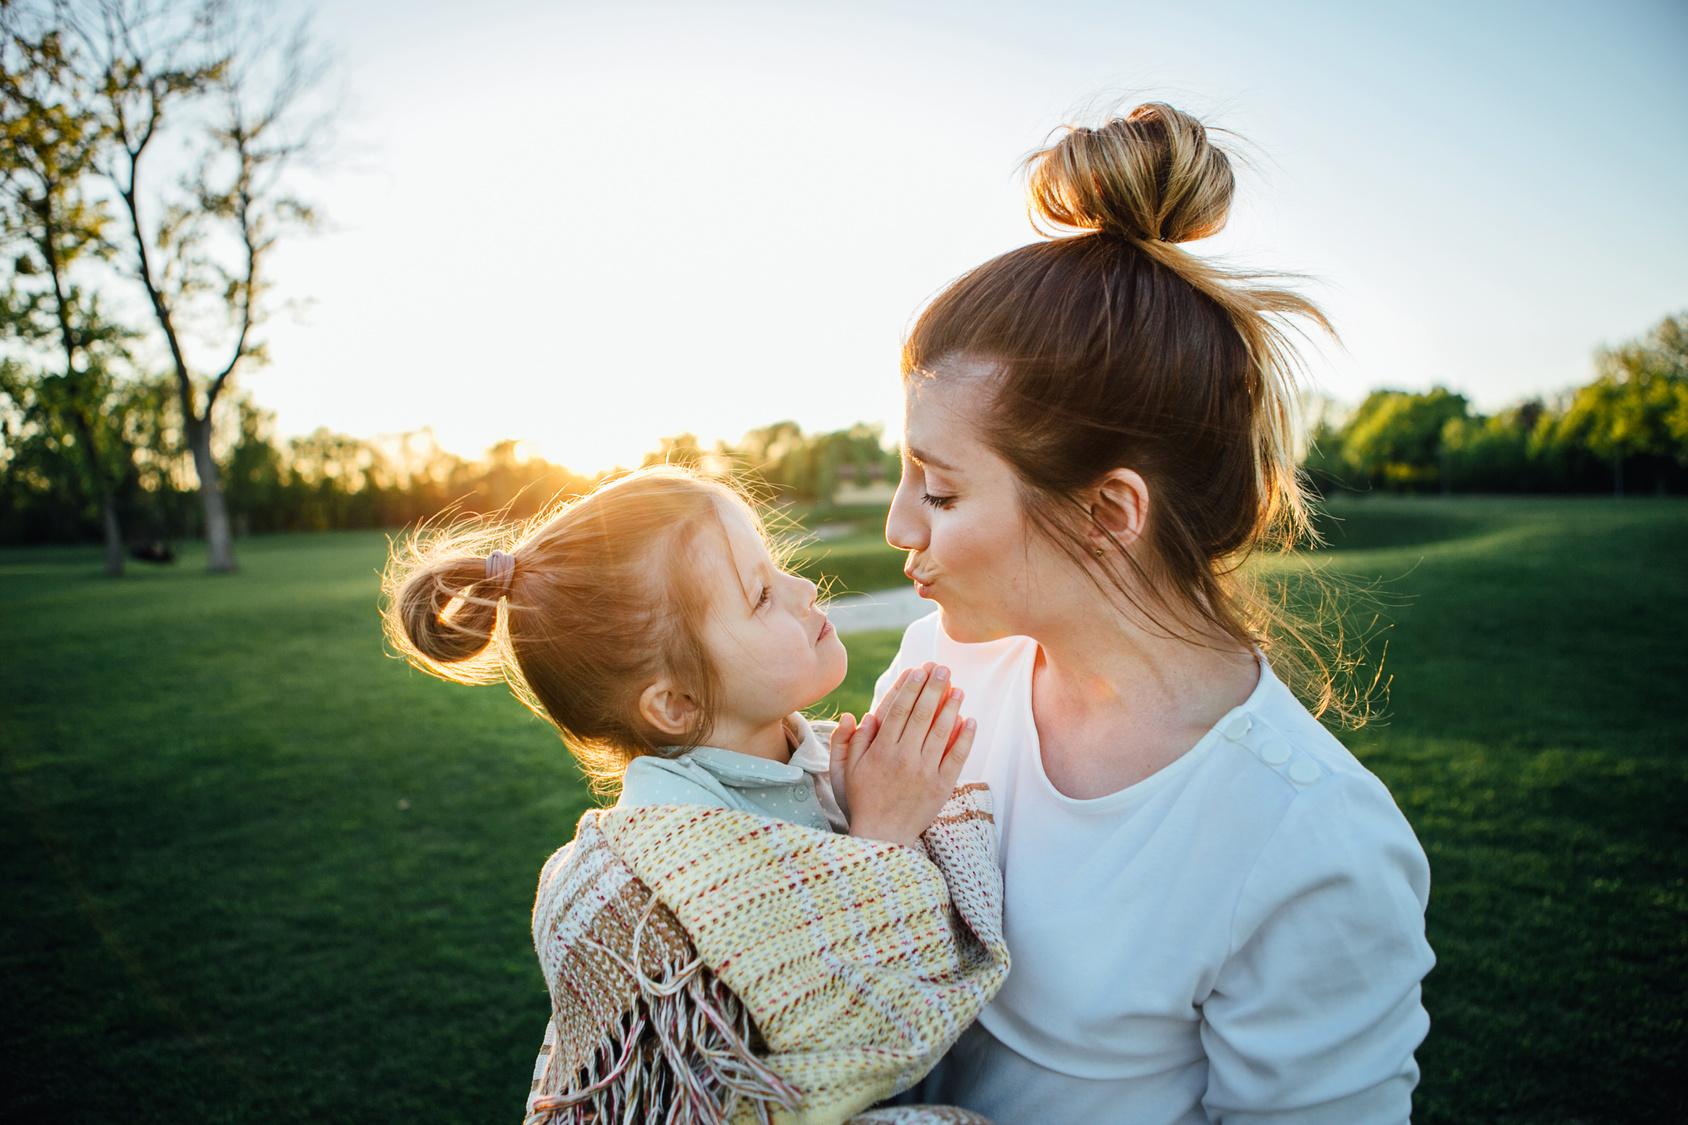 Mother hugs her daughter.